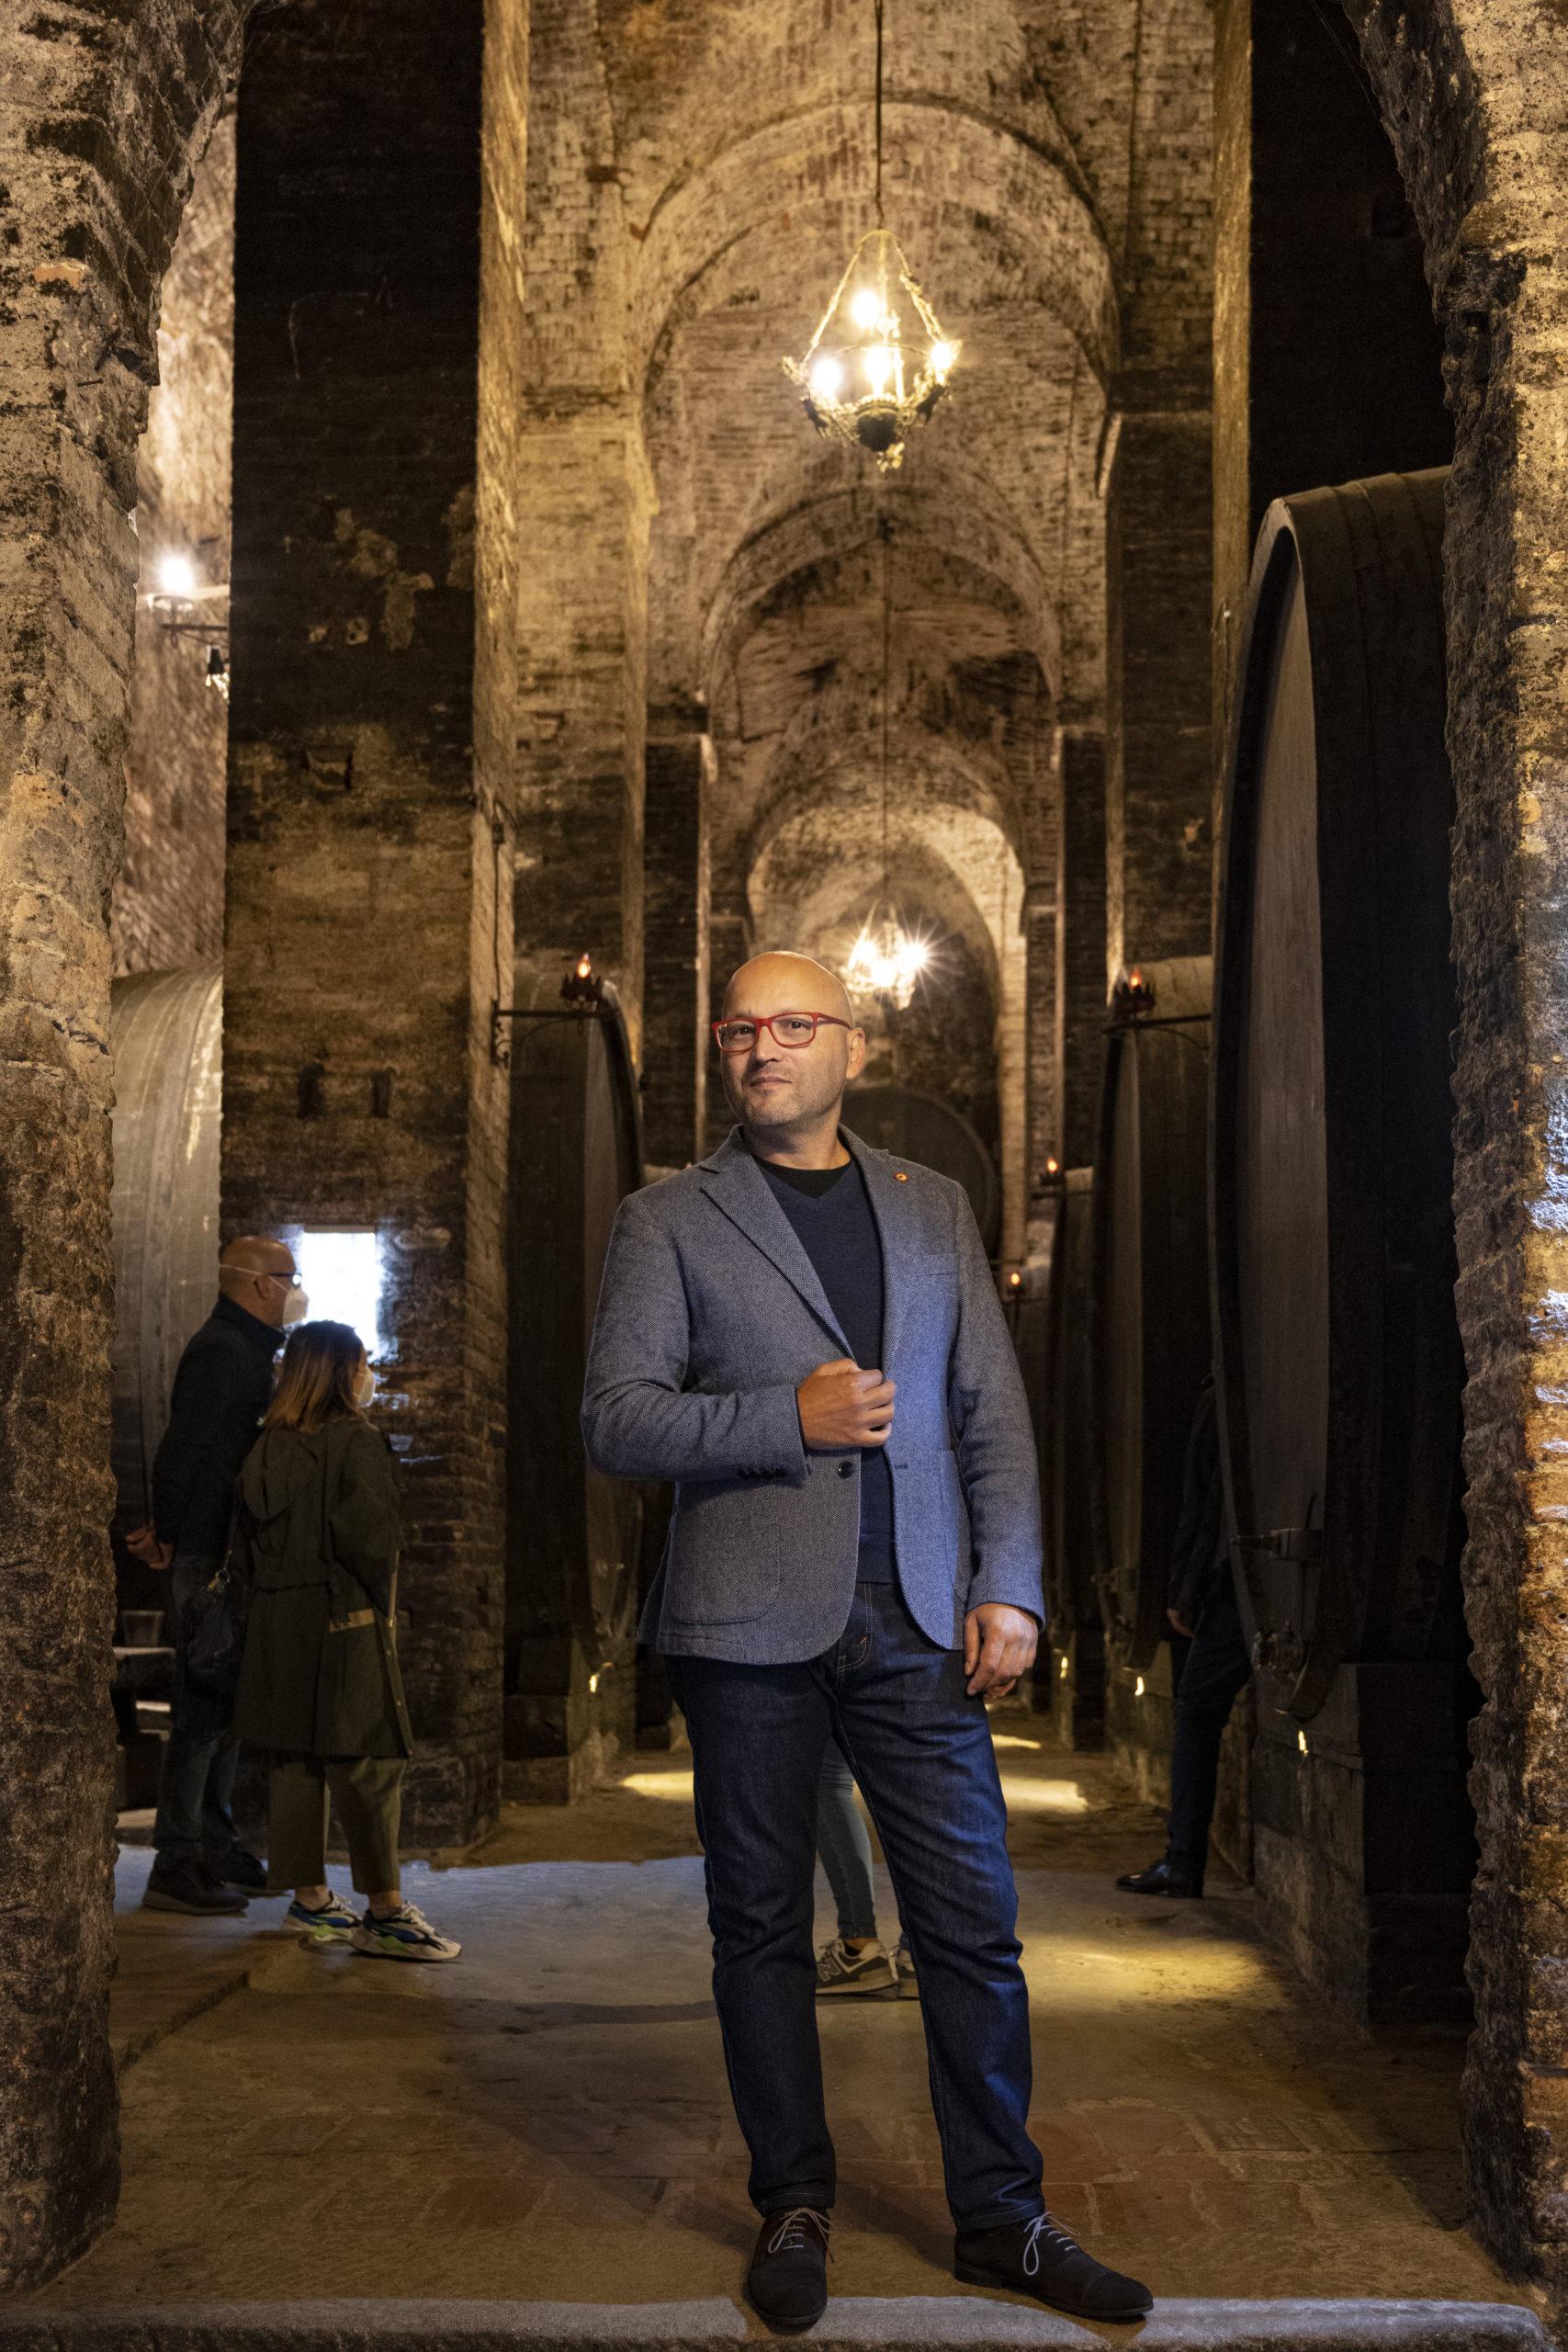 Enrique Mazzola Ambasciatore del Vino Nobile di Montepulciano